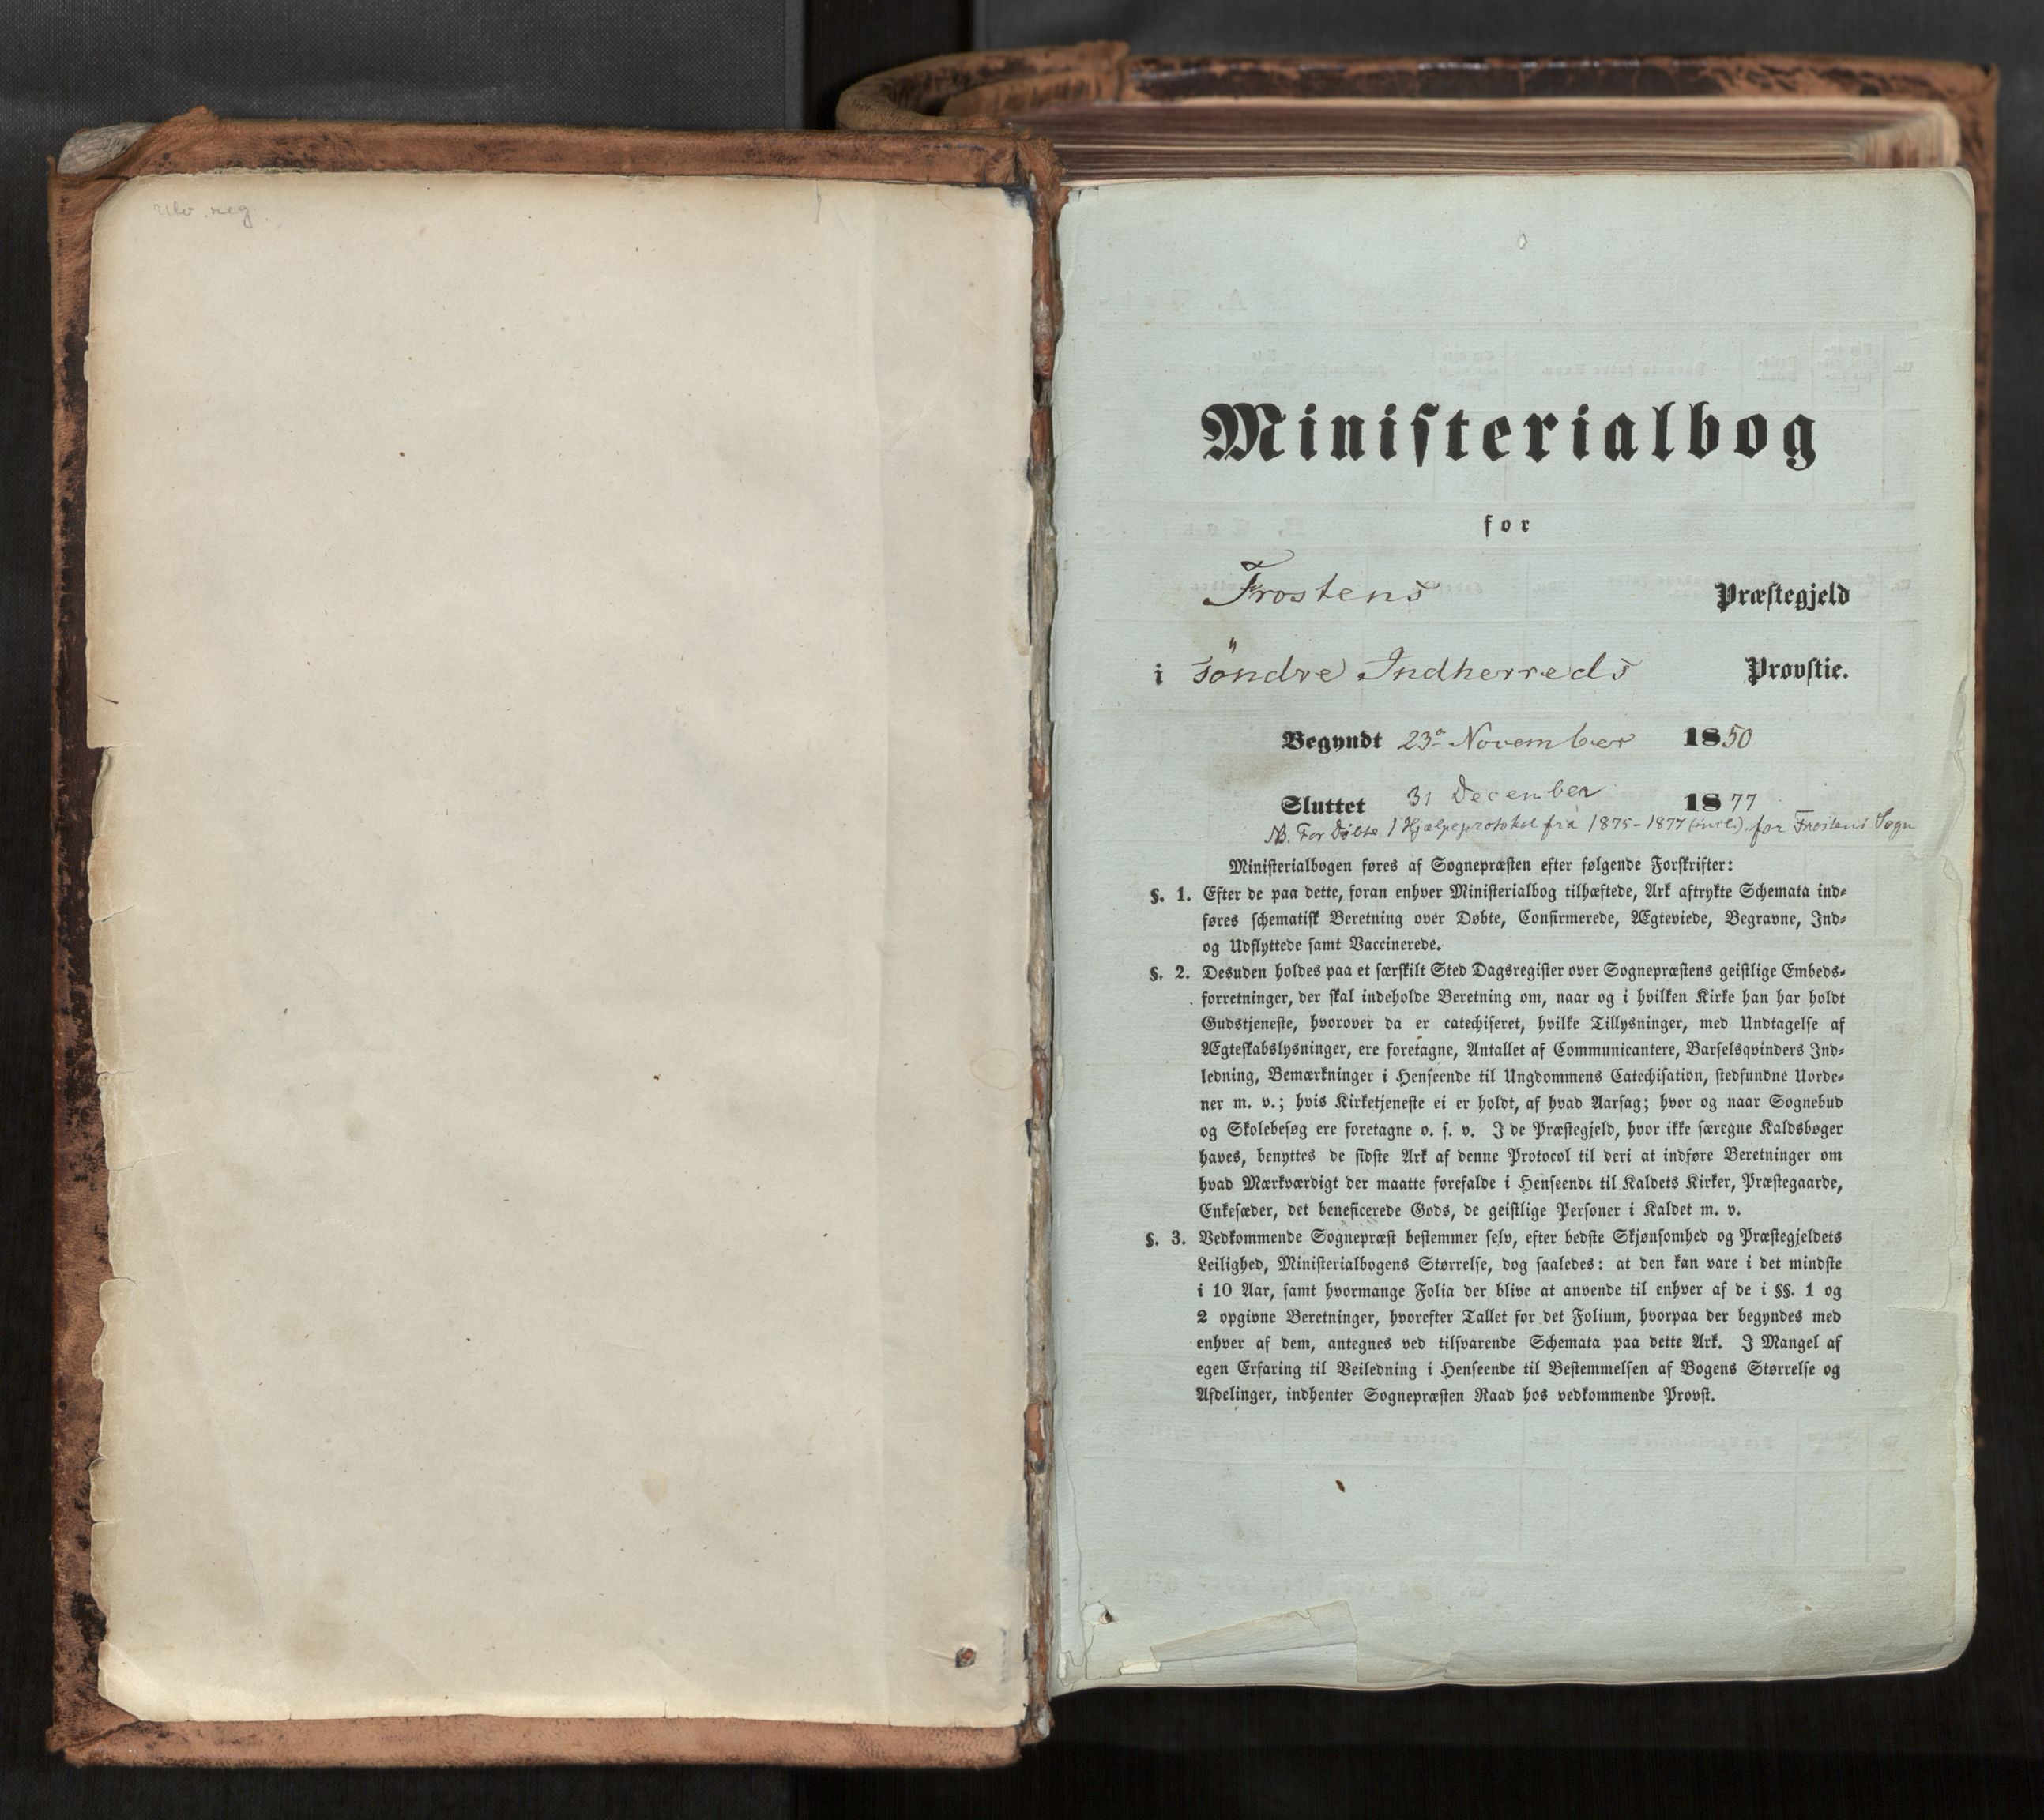 SAT, Ministerialprotokoller, klokkerbøker og fødselsregistre - Nord-Trøndelag, 713/L0116: Ministerialbok nr. 713A07, 1850-1877, s. upaginert